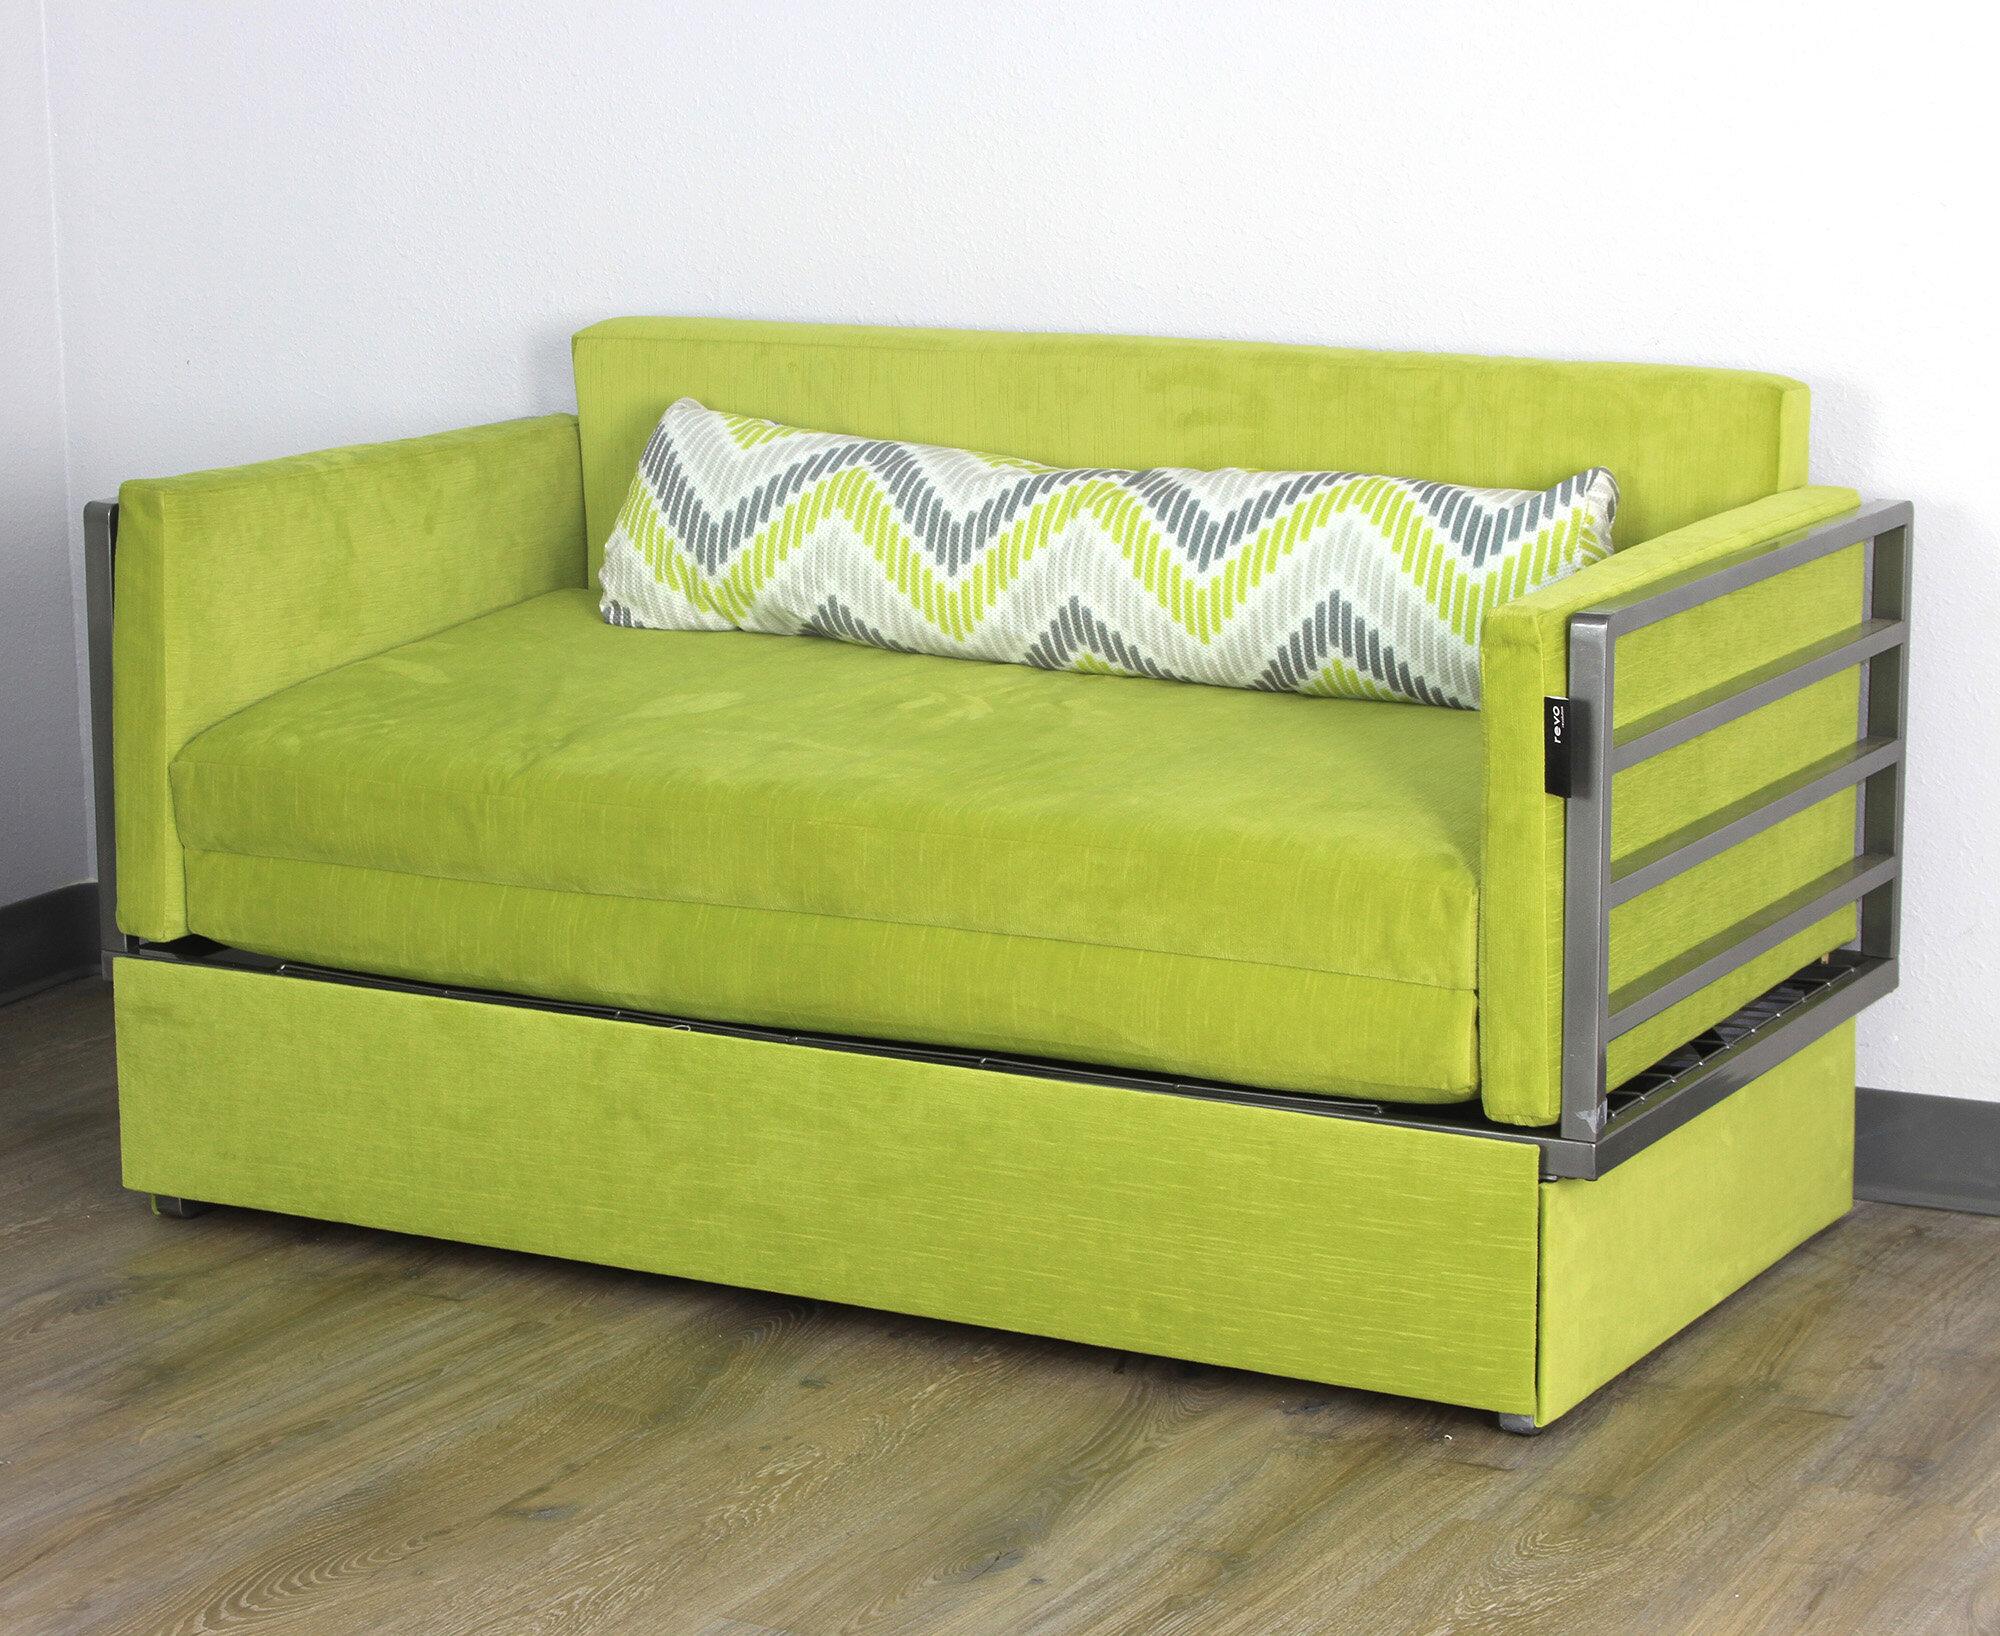 Laude Run Laxton Convertible Sofa Our Sku Ete1063 Mpn Eab638a9c4a2407381bebcc1f9e26a